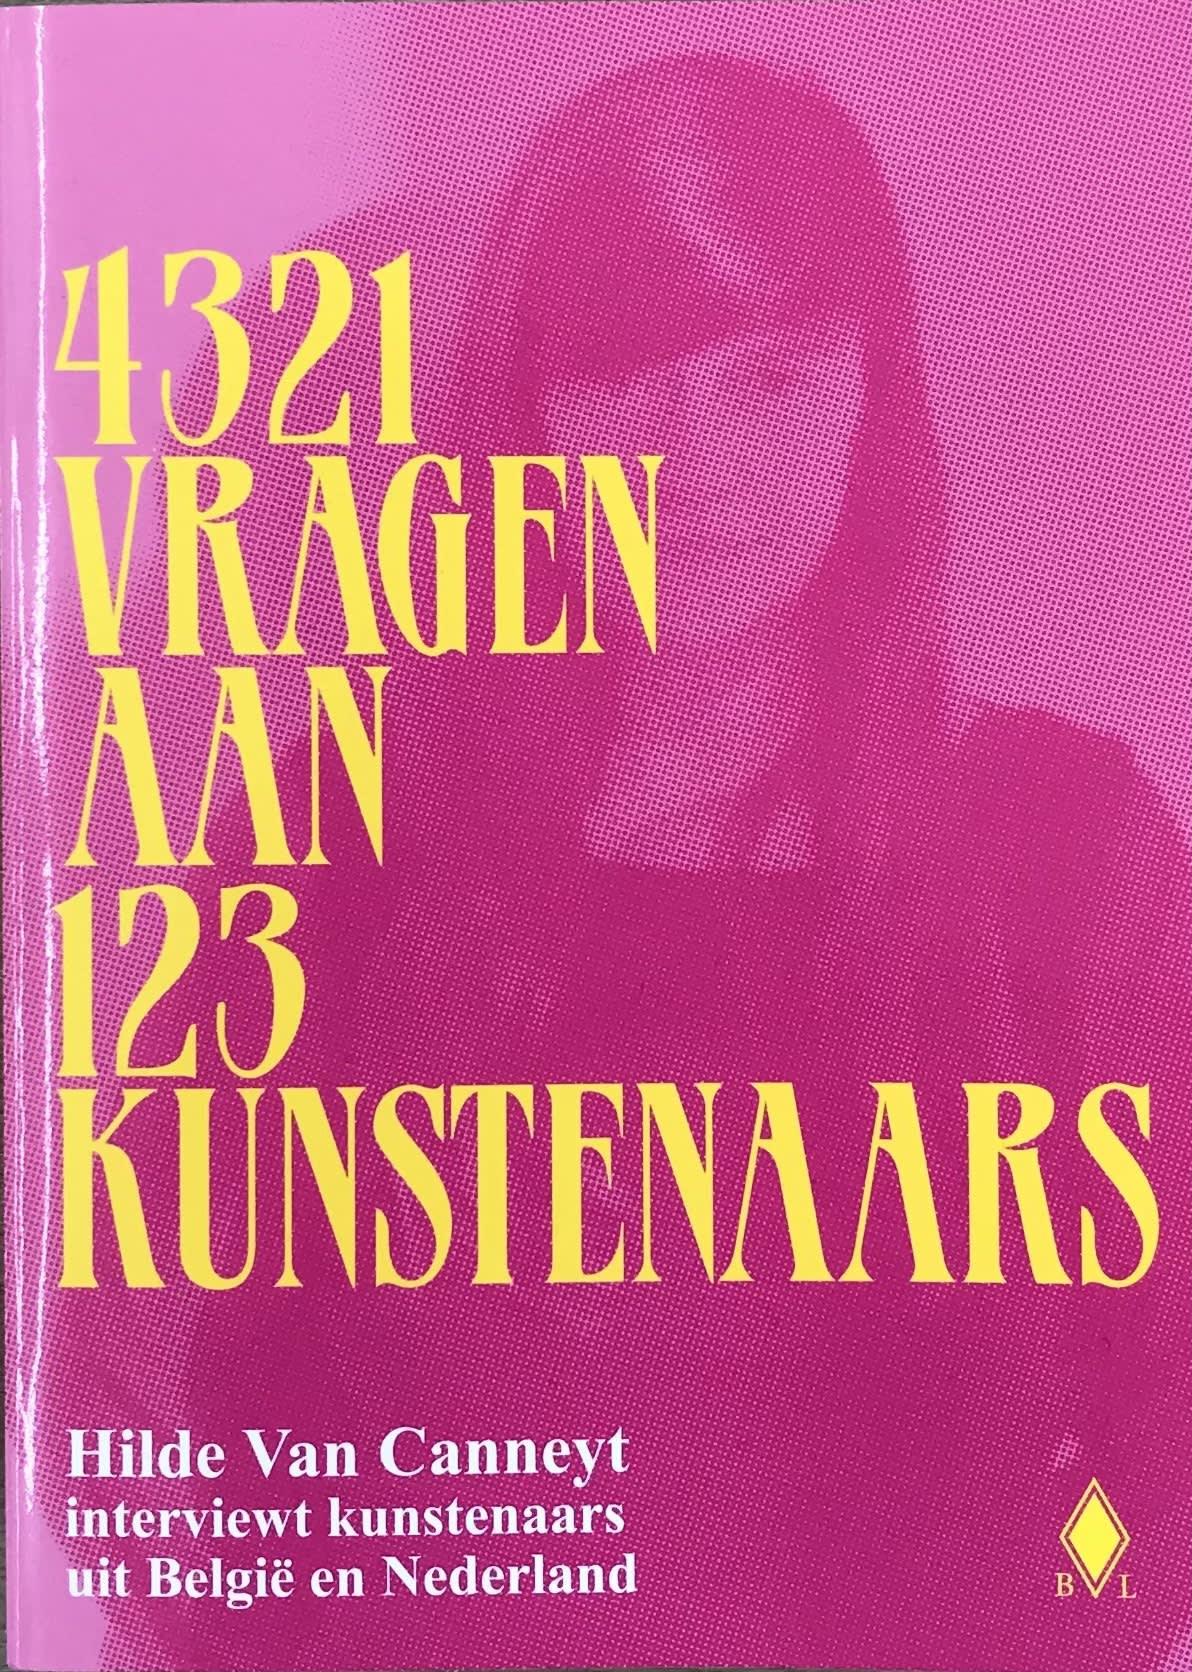 4321 VRAGEN AAN 123 KUNSTENAARS